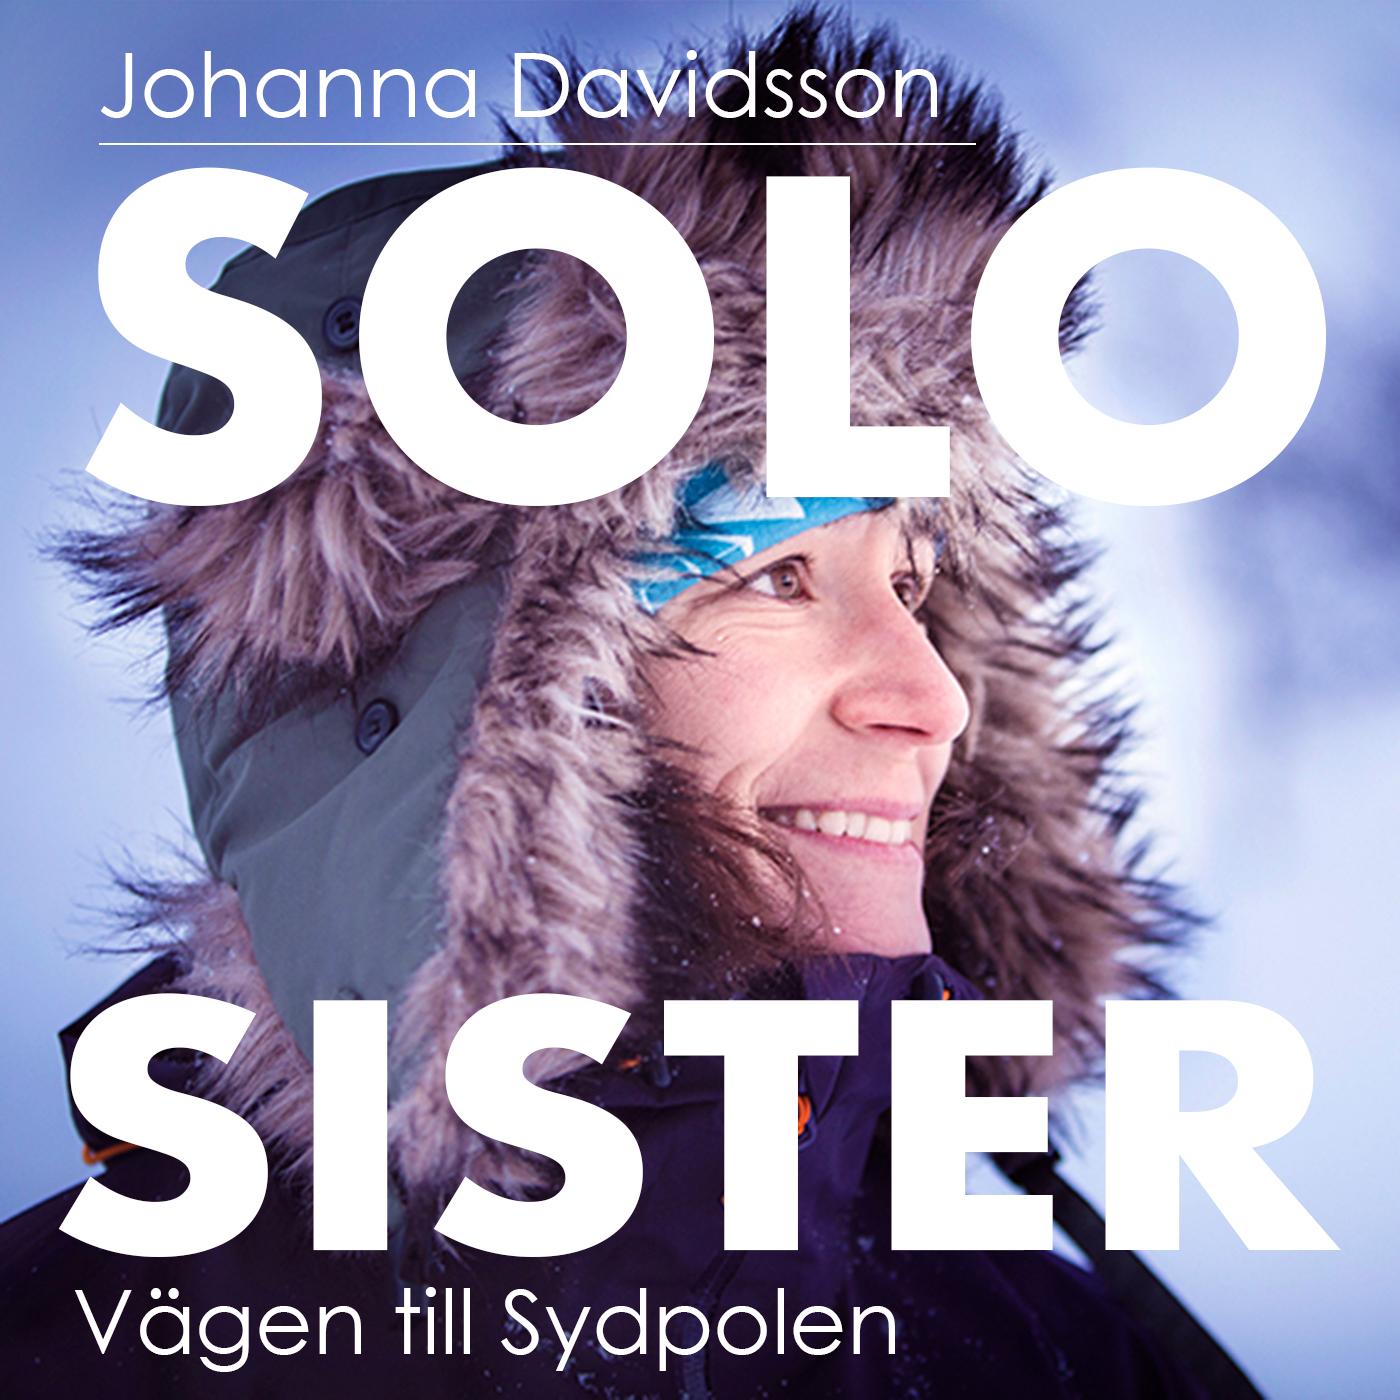 SOLO SISTER: Vägen til Sydpolen